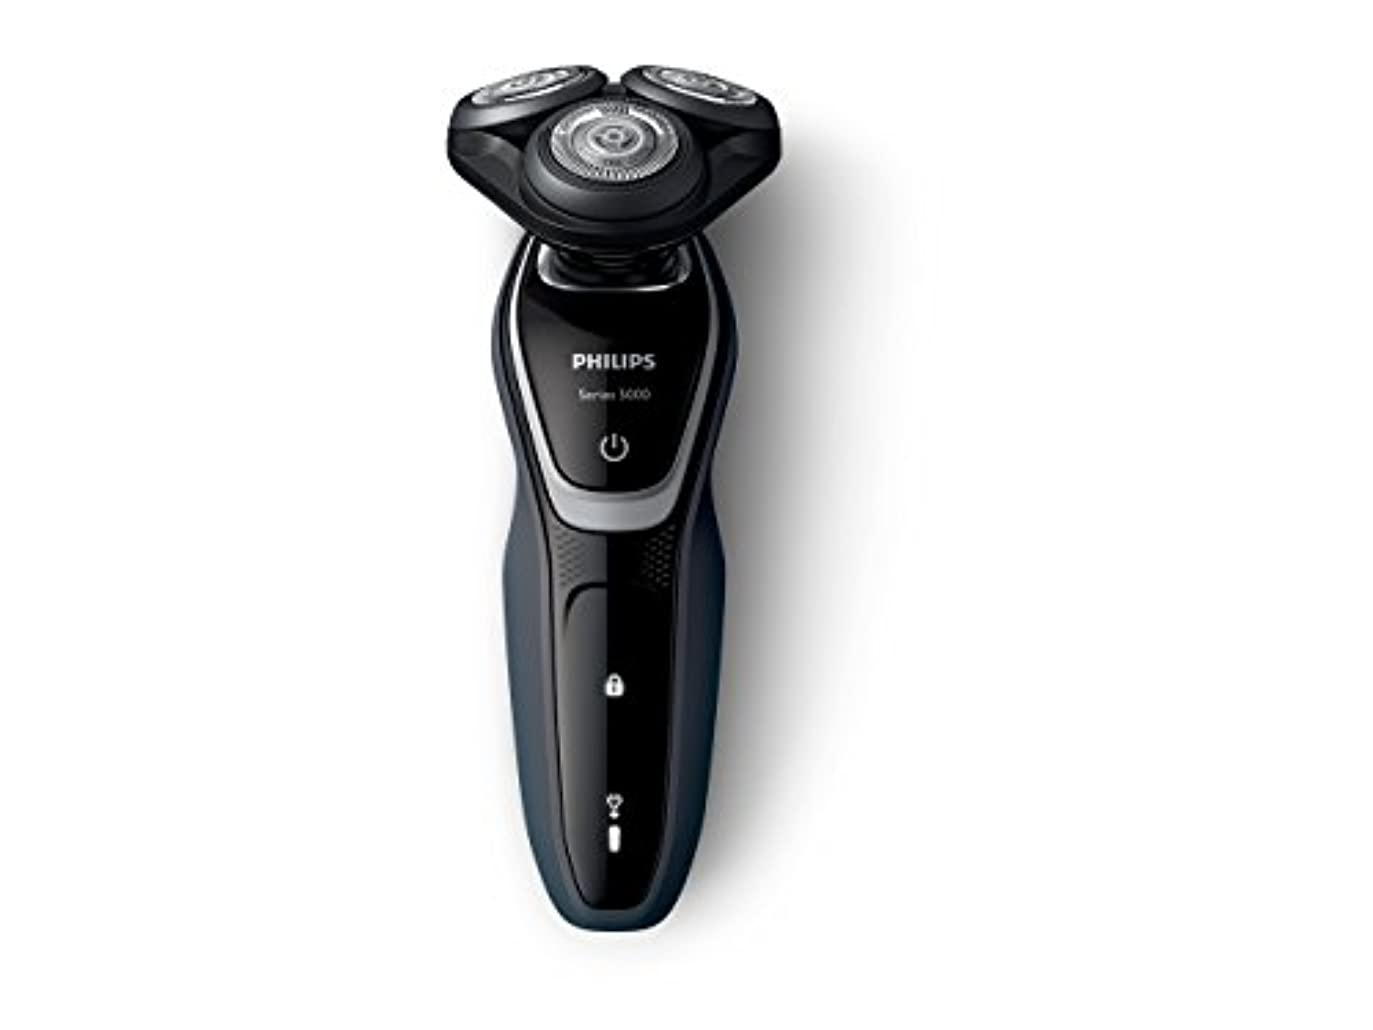 スライムサンダース険しいフィリップス 5000シリーズ メンズ 電気シェーバー 27枚刃 回転式 お風呂剃り & 丸洗い可 トリマー付 S5211/12